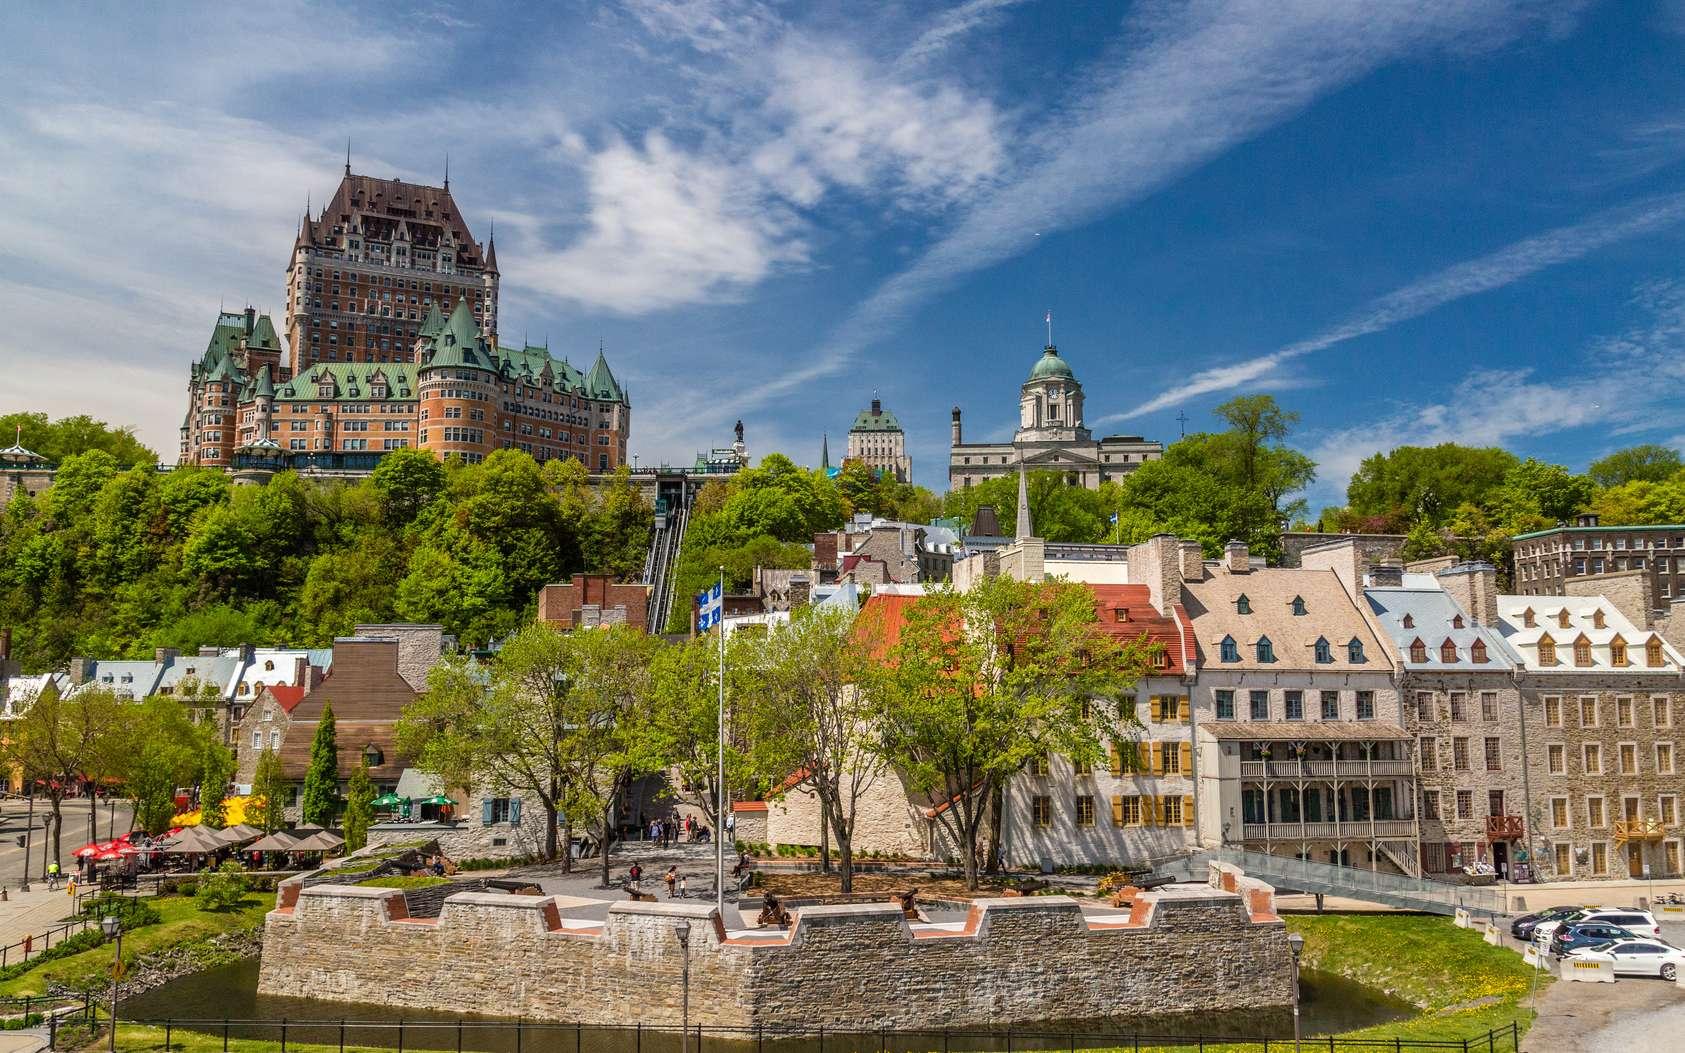 Le centre de Montréal, une des plus anciennes villes du Canada. © John Nicklin, fotolia